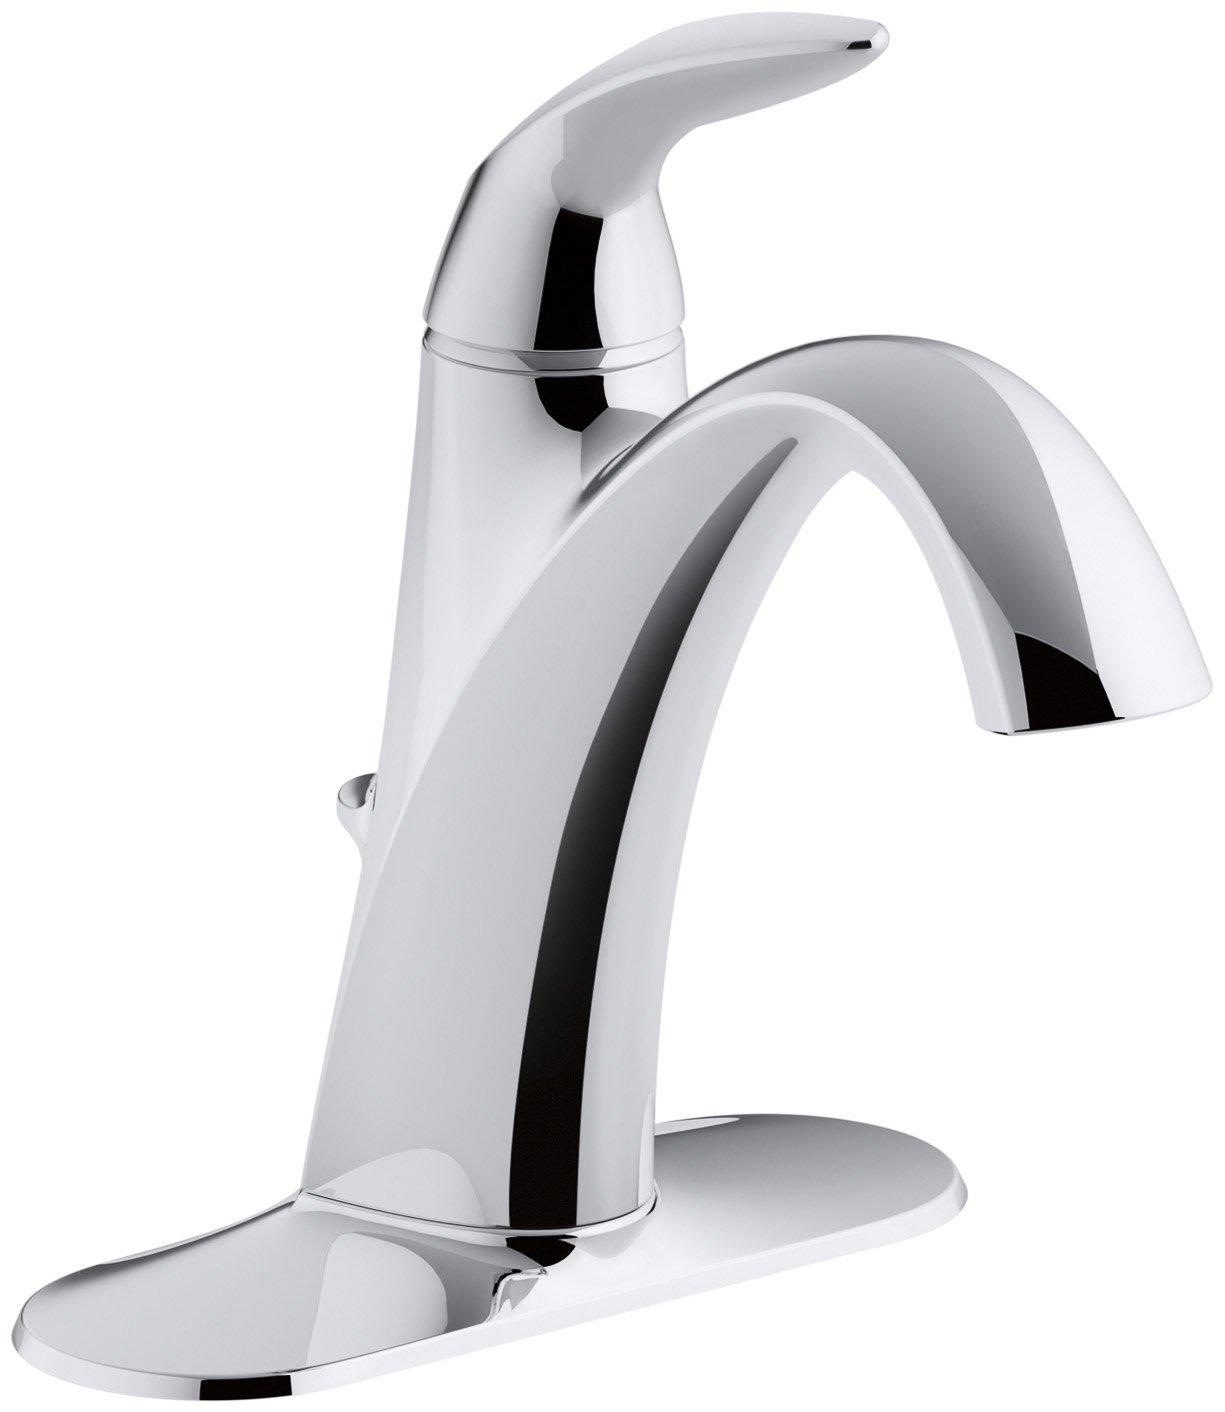 KOHLER K-45800-4-CP Alteo Single-Handle Bathroom Sink Faucet, Polished Chrome by Kohler